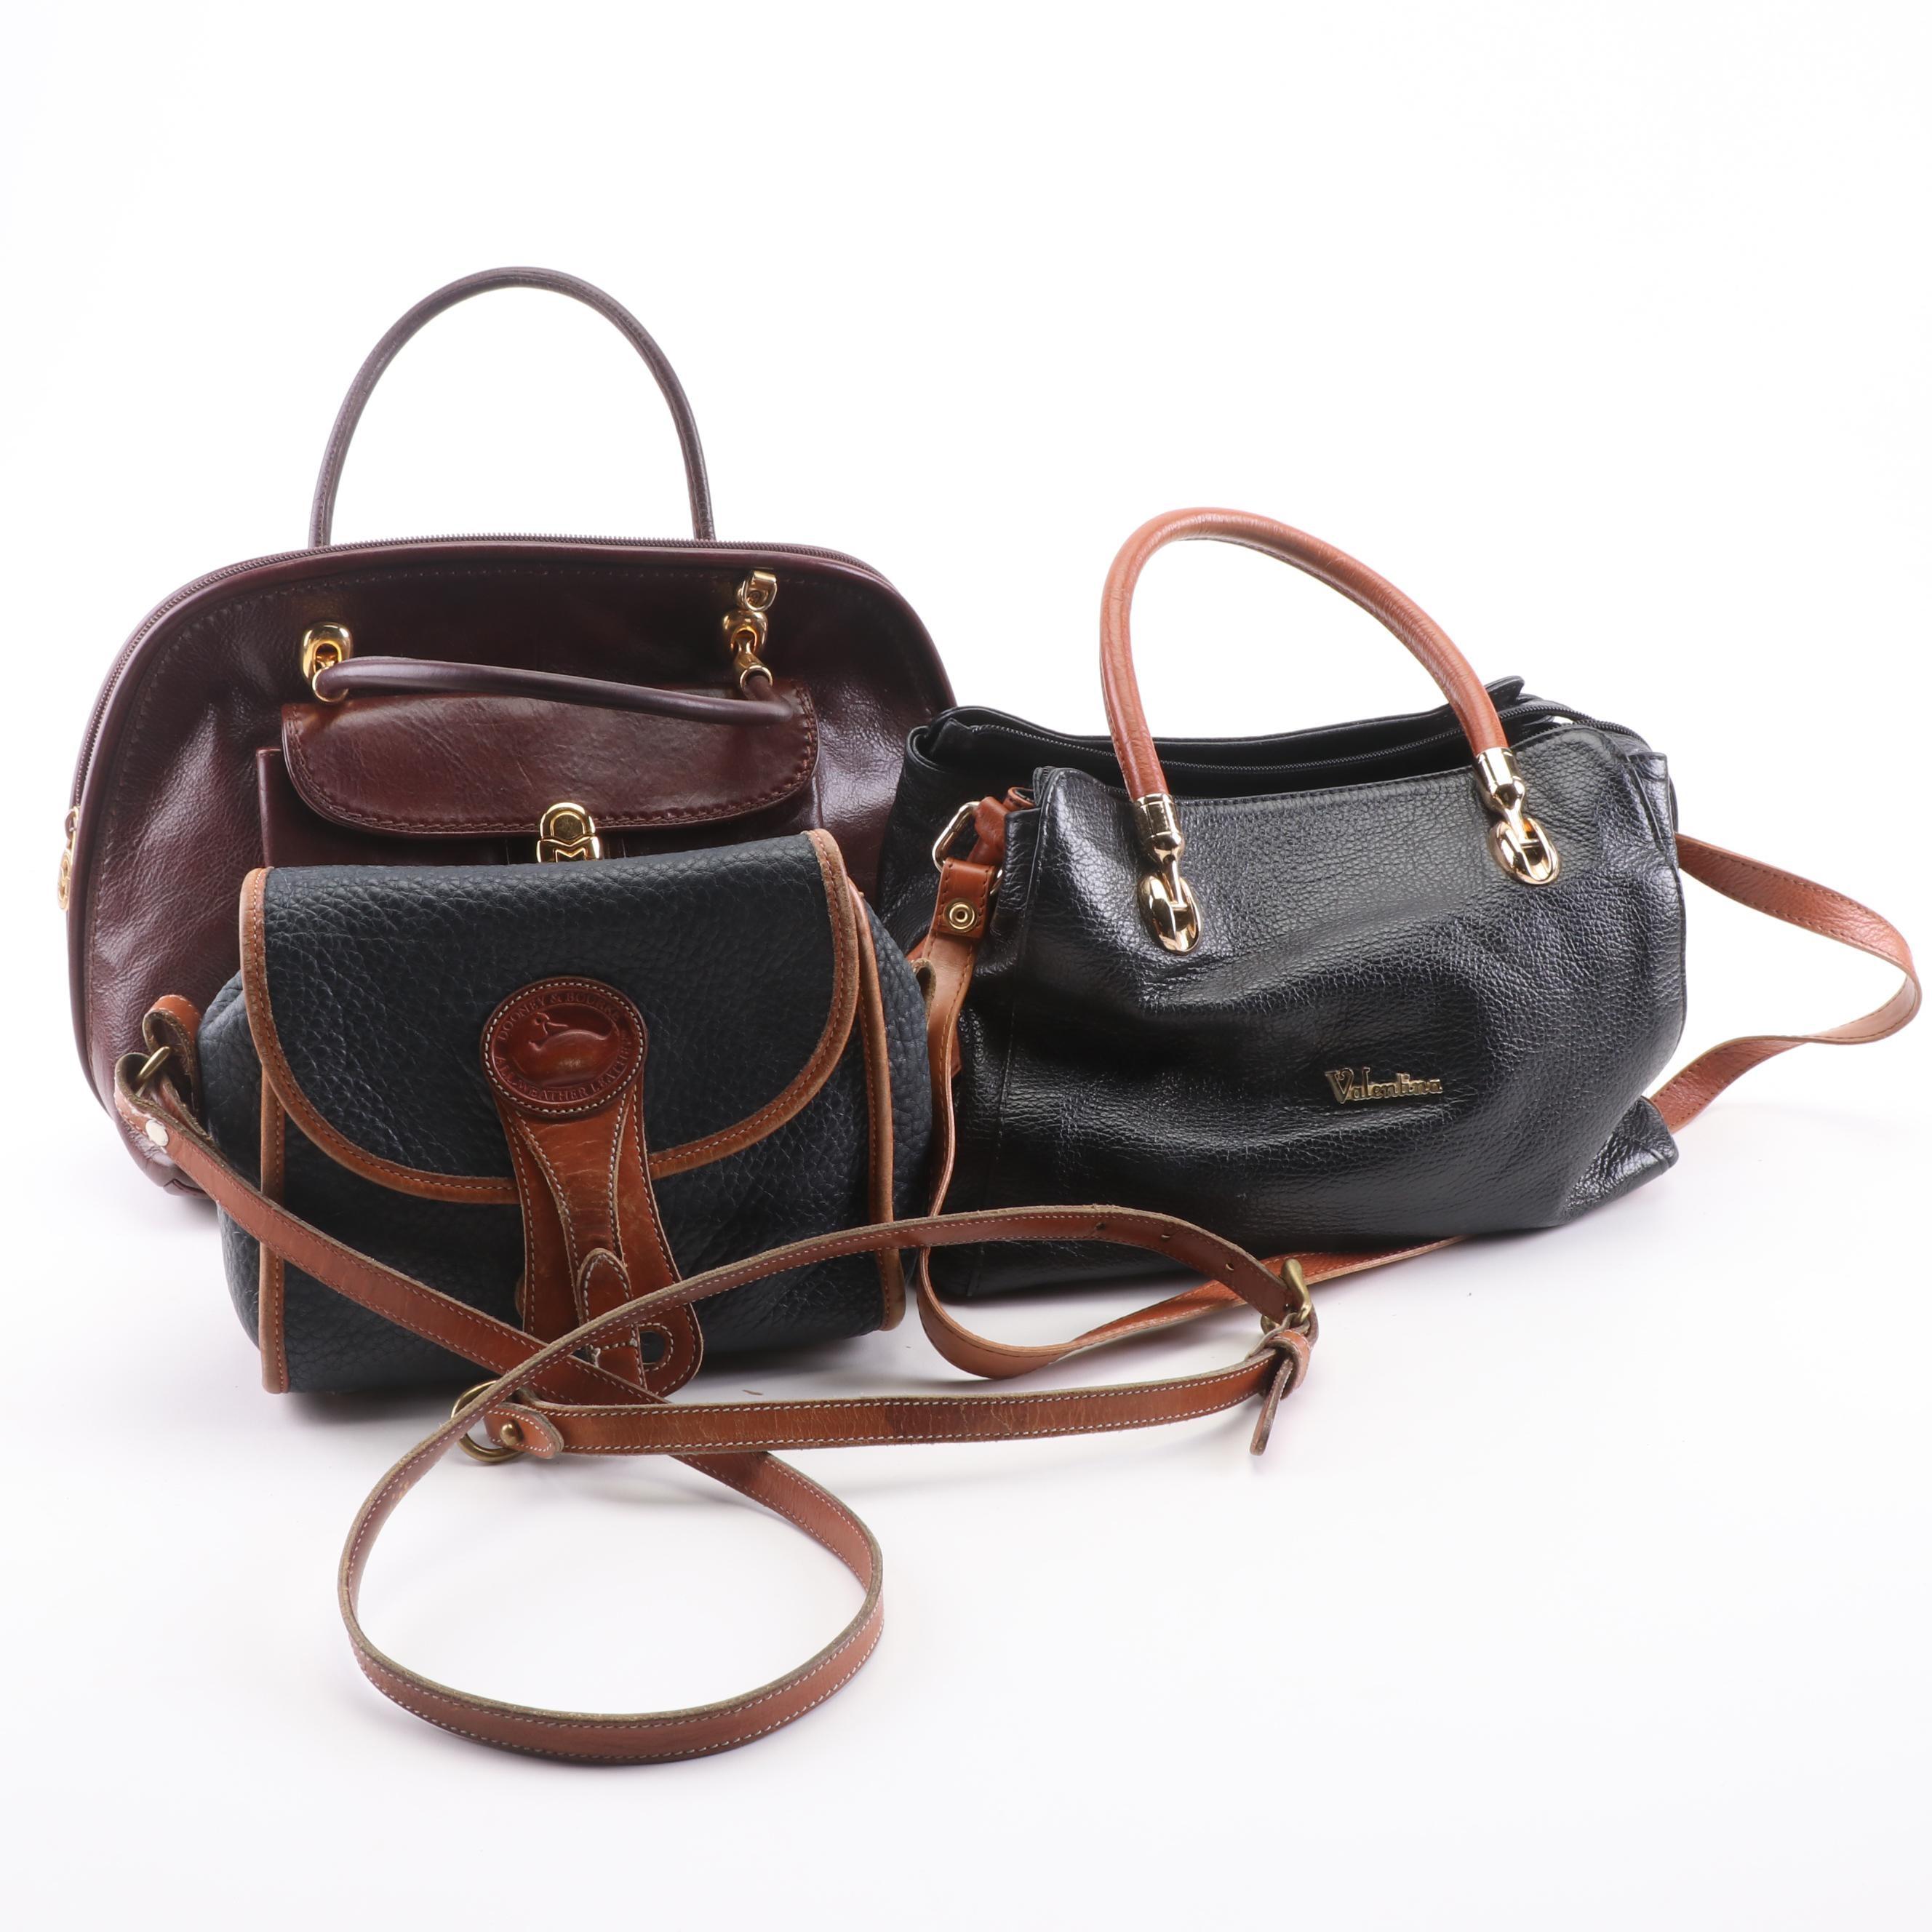 Circa 1980s Valentina, Dooney & Bourke and Marino Orlandi Handbags